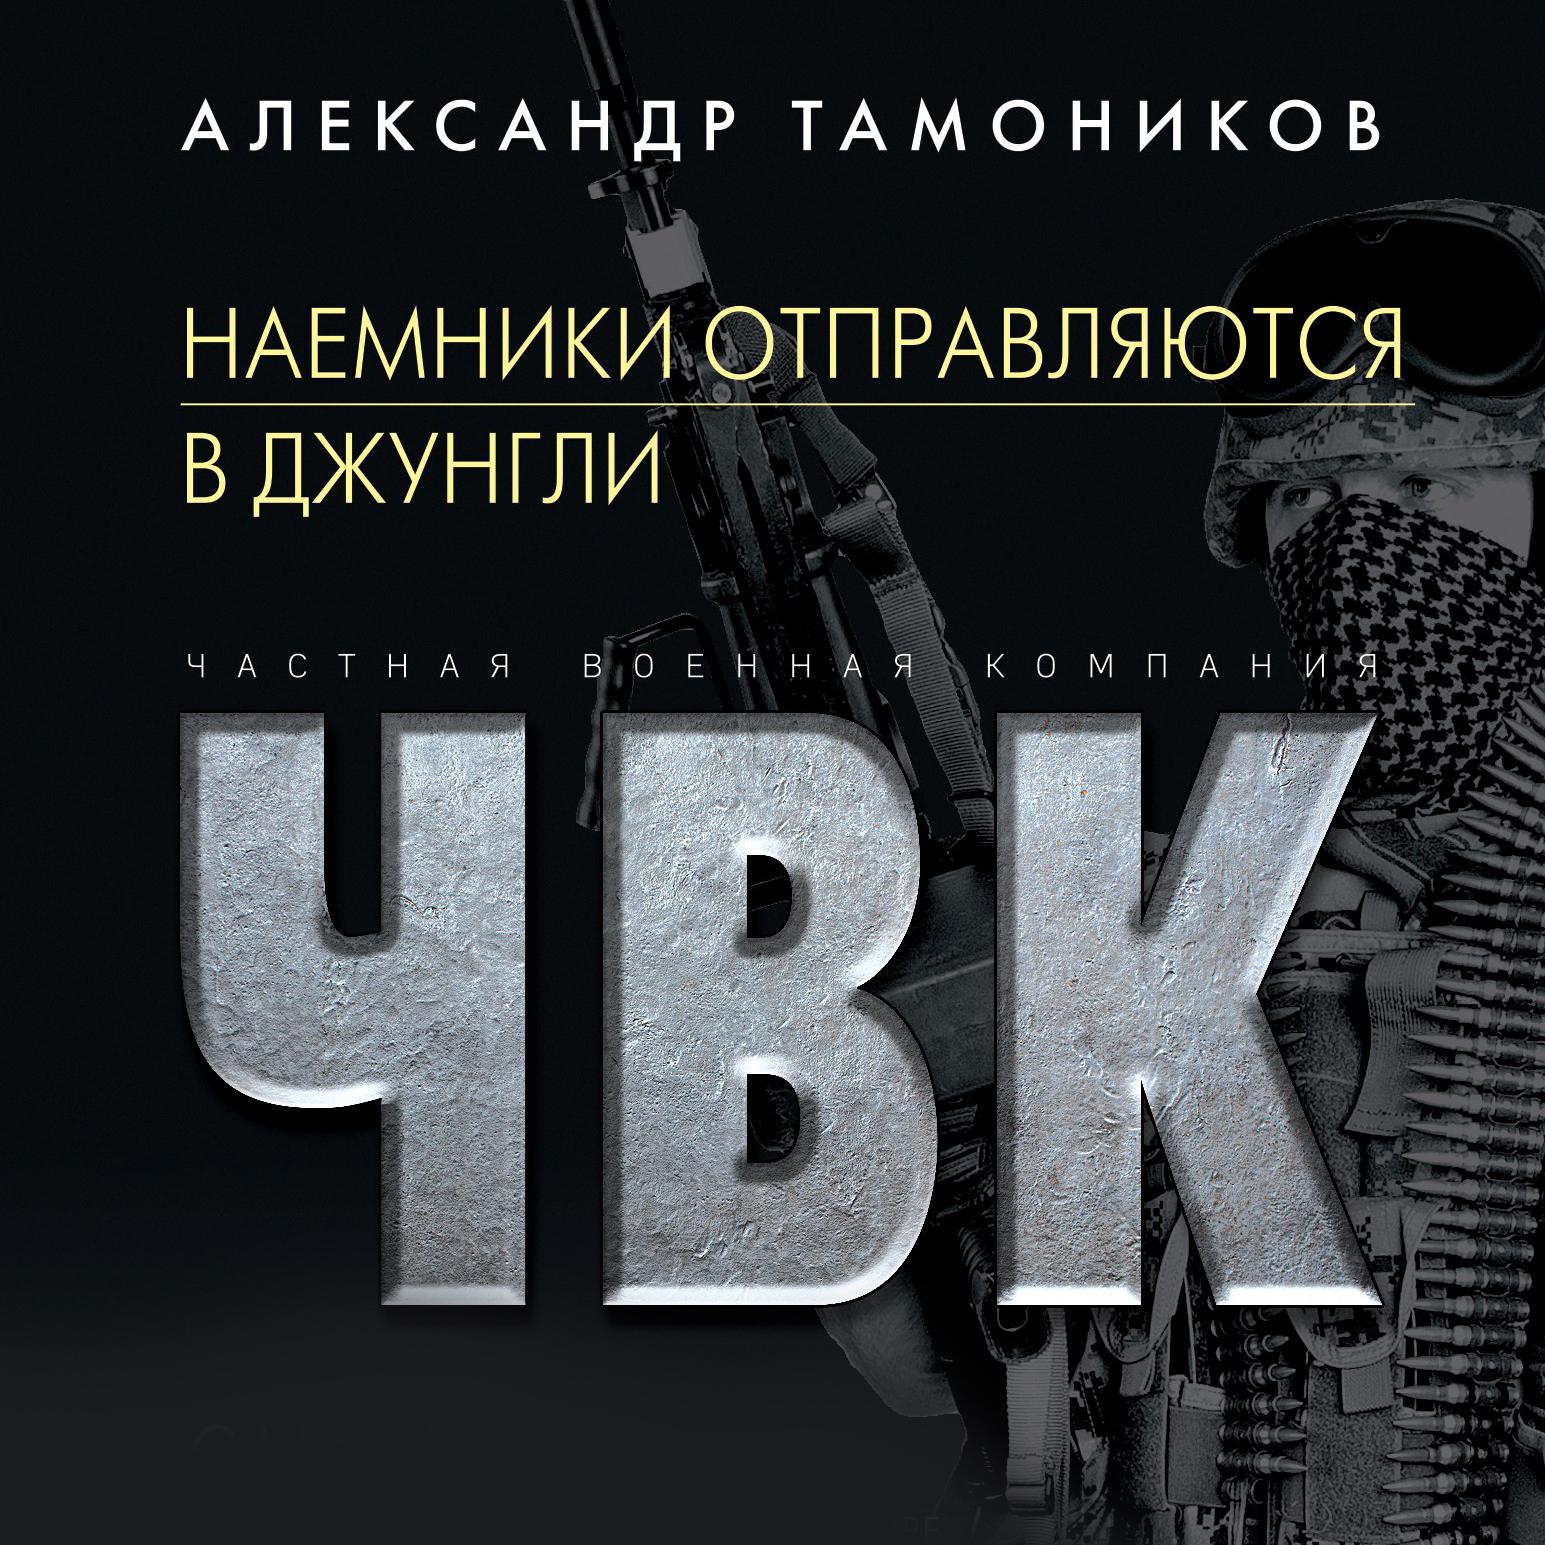 Купить книгу Наемники отправляются в джунгли, автора Александра Тамоникова